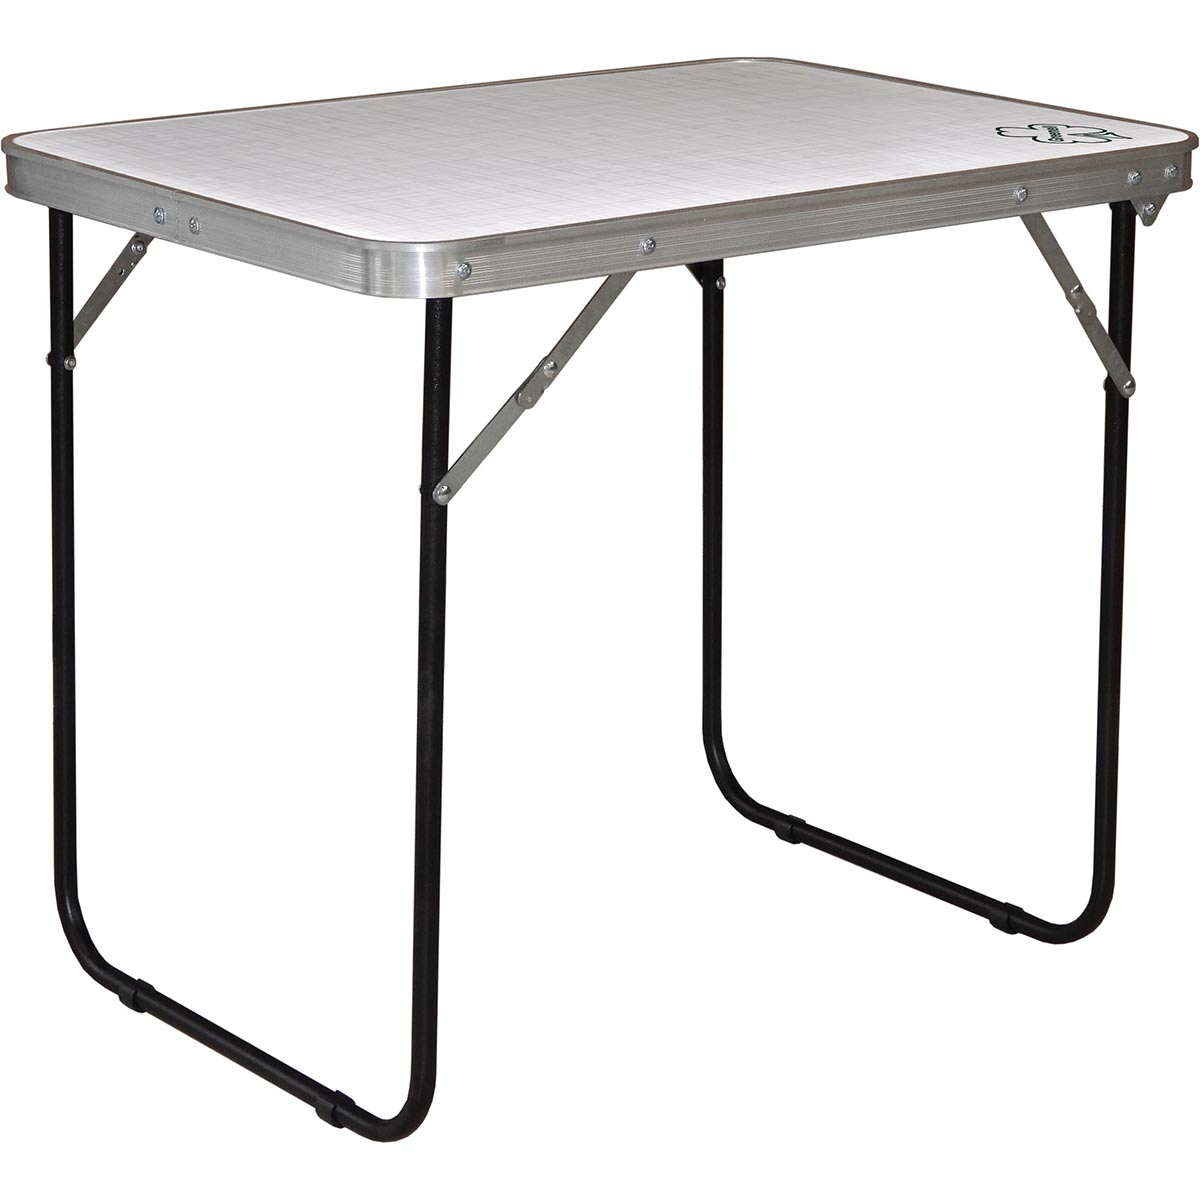 Стол складной Greenell FT-12 R16 WR, цвет: стальной, 50 х 70 х 60 см95860-000-00Складной стол для кемпингового отдыха на природе.Водостойкий материал столешницы. Максимальная нагрузка: 30 кг.Материал: HDF. Каркас: Сталь (диаметр 16 мм).Размеры (ДхШхВ): 50 х 70 х 60 см.Размеры в сложенном виде: 74 х 55 х 7 см.